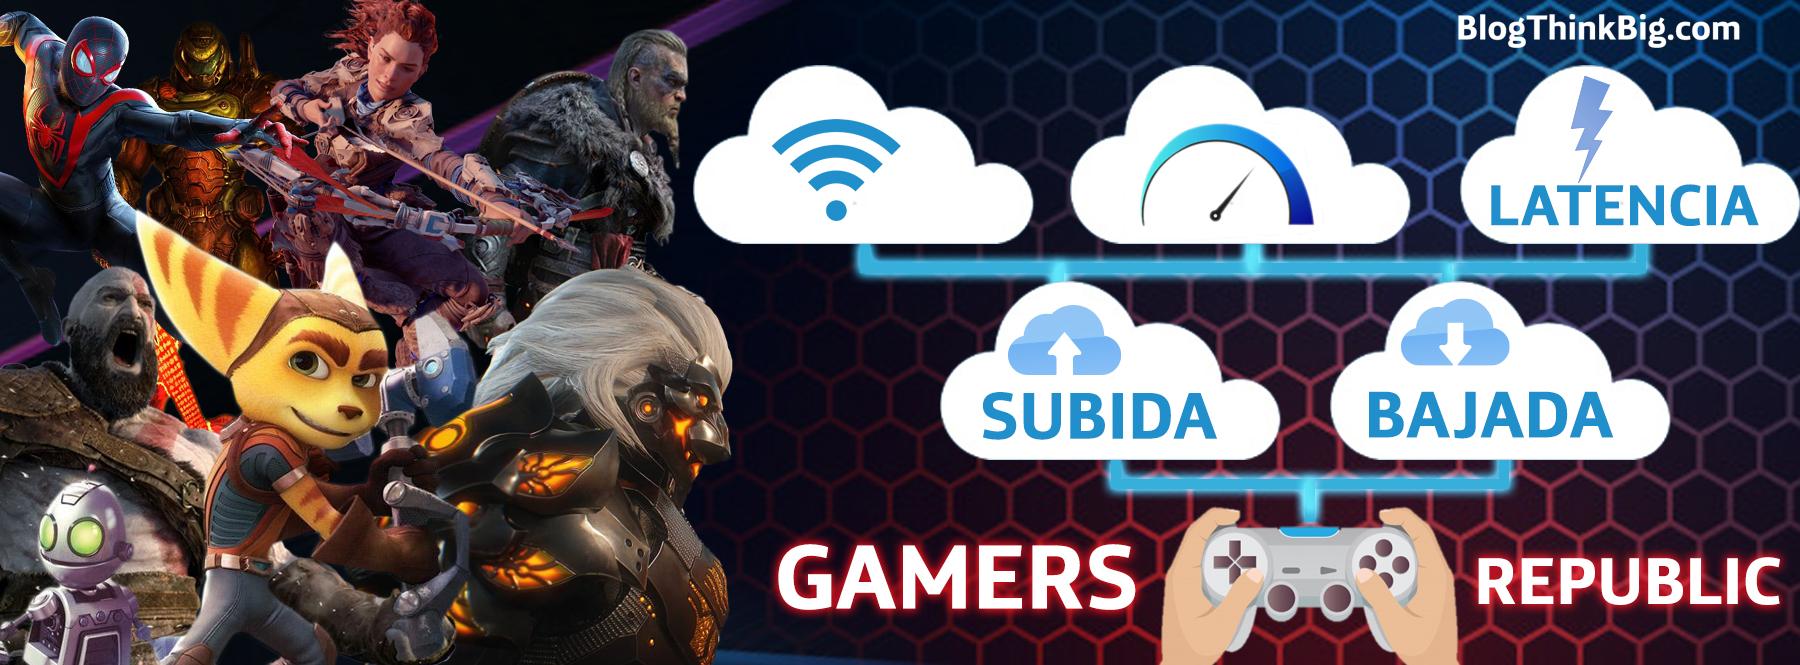 5G: la era de los juegos en la nube